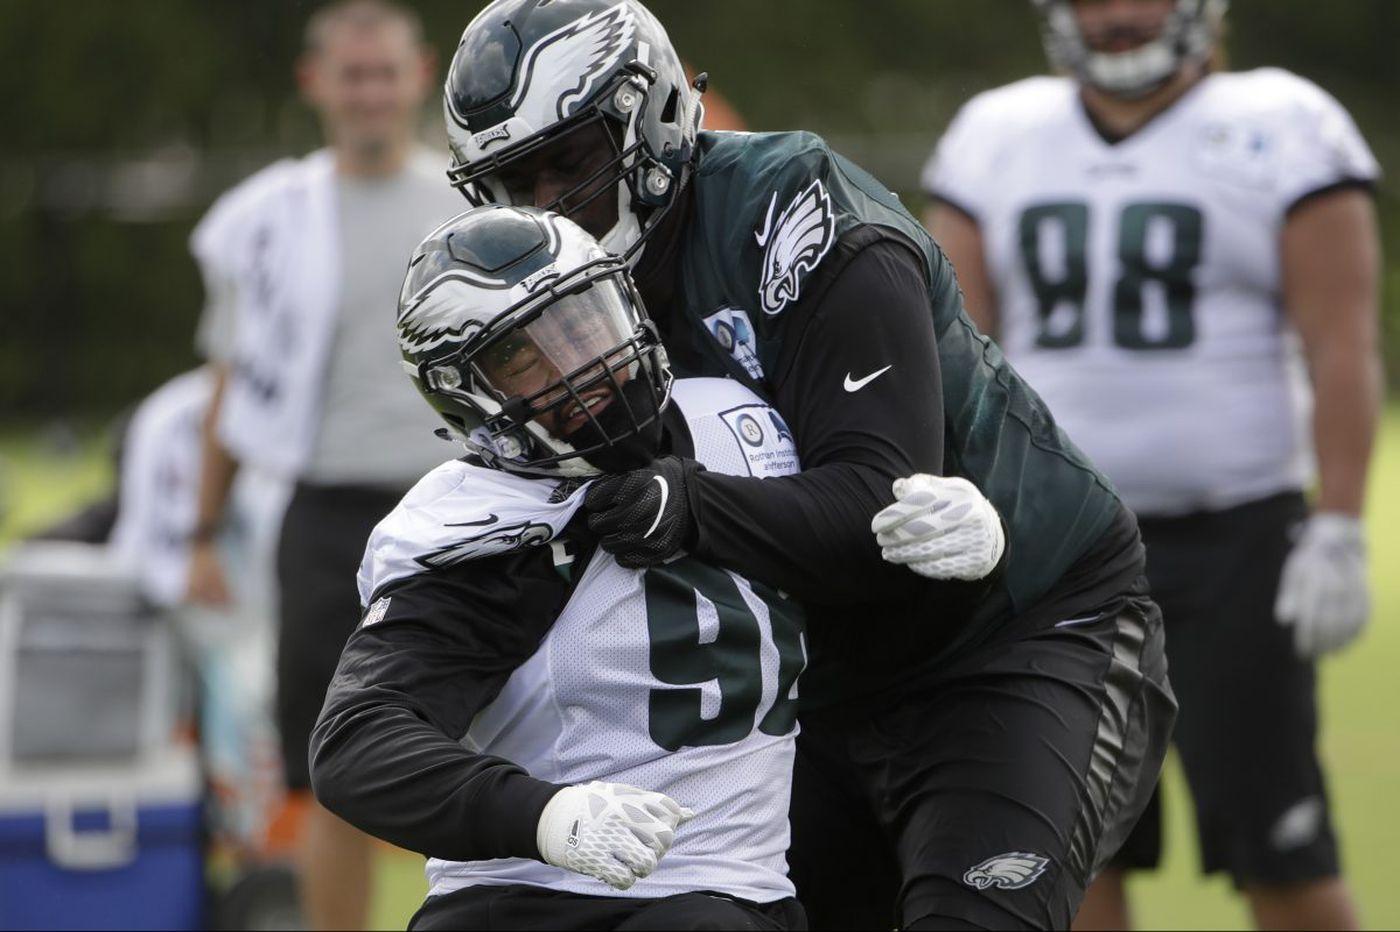 Eagles practice observations: Barnett learning; Pumphrey active; Wentz hustling